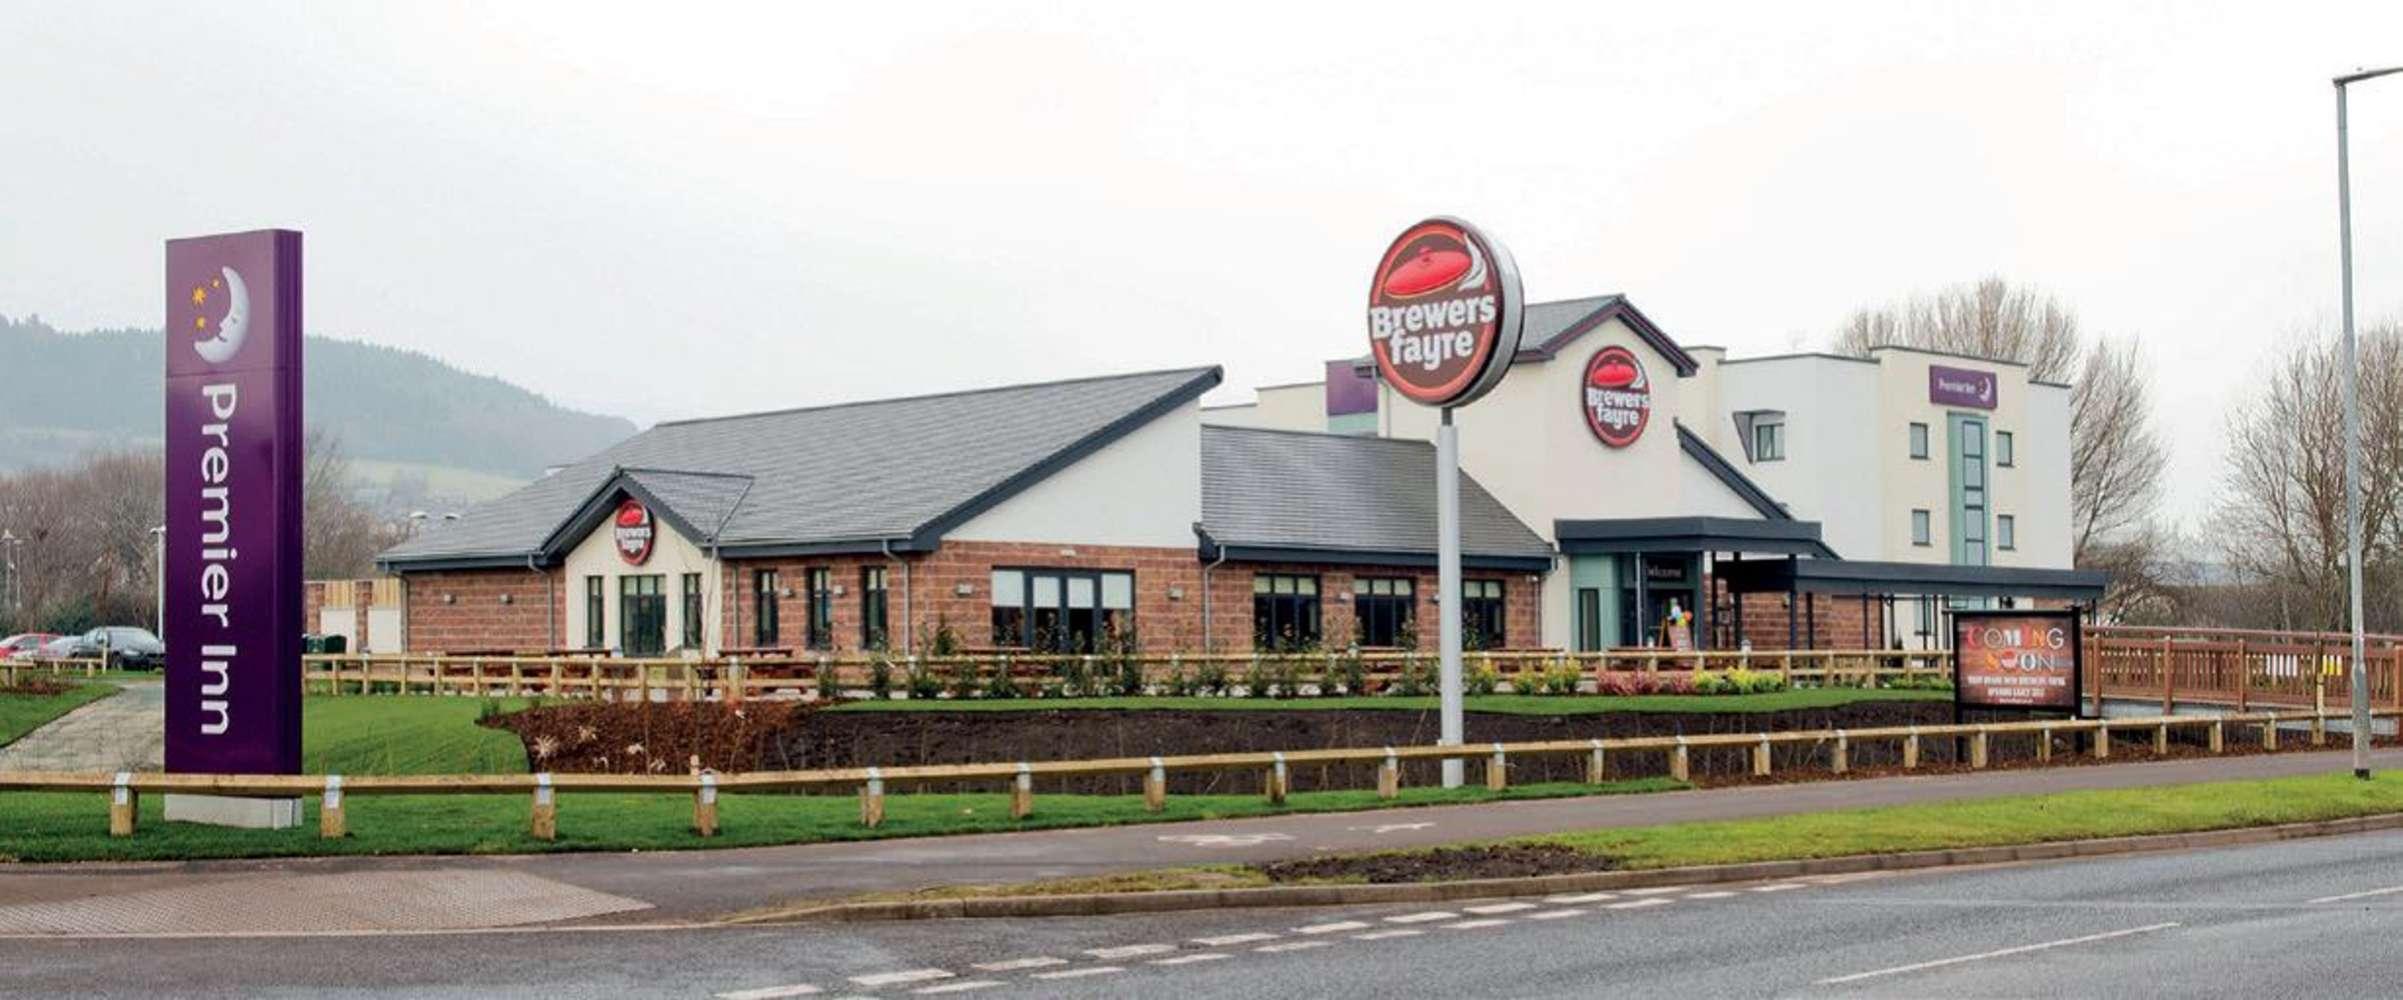 Land Exeter, EX1 1UG - Premier Inn Prospects - 3